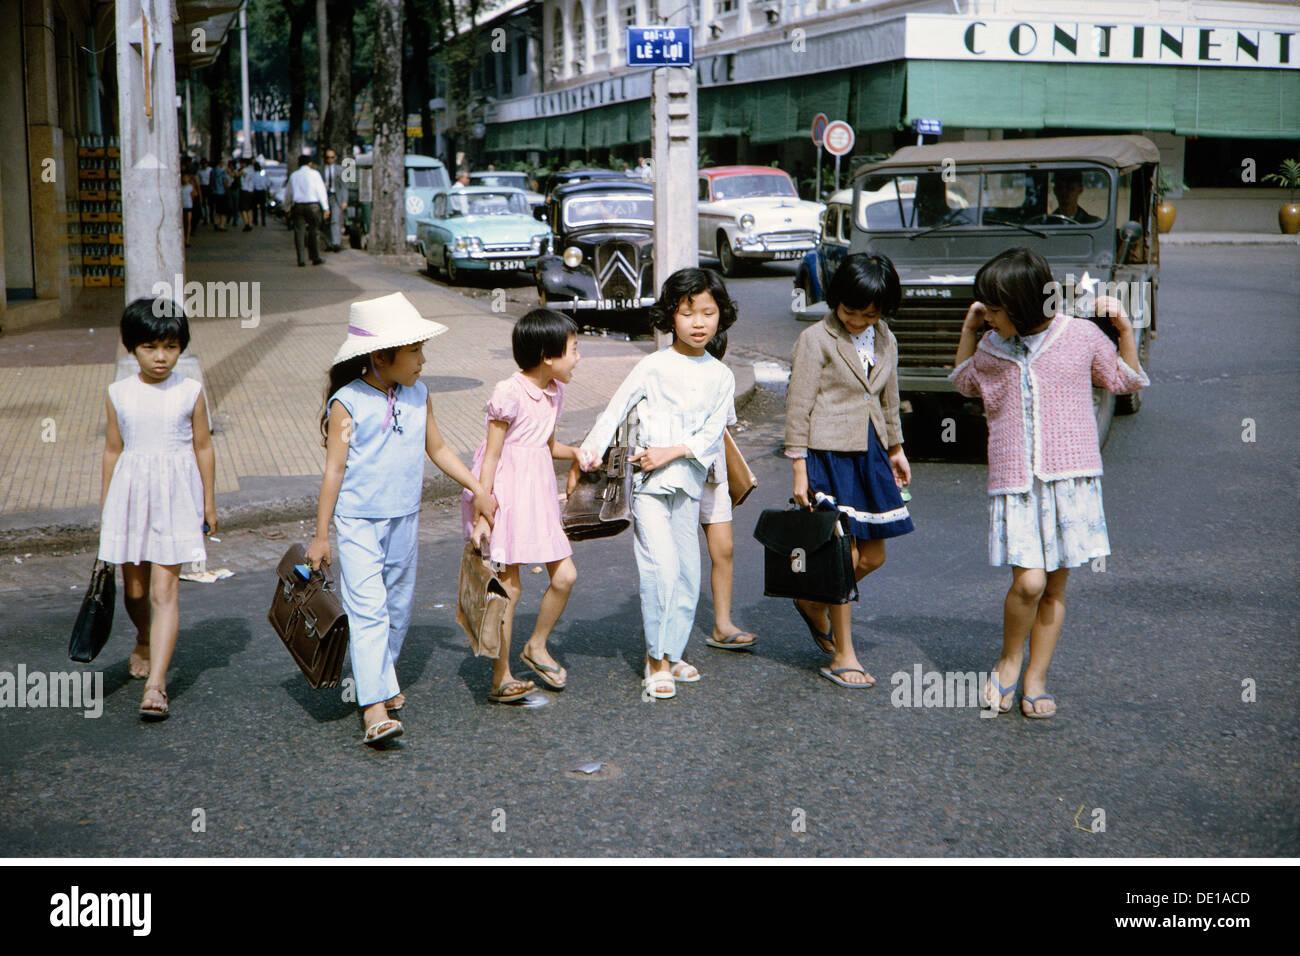 Guerre du Vietnam 1957 - 1975, les écoliers vietnamiens sur la rue près de l'Hôtel Continental, Saigon, Vietnam du Sud, 1965, civils, des civils, élève, étudiant, élèves, étudiants, lycéenne, écolières, militaire, forces armées, jeep, jeeps, militaire, forces armées, véhicule, véhicule, véhicules, transport, transports, voitures, voiture, USA, Etats-Unis d'Amérique, de l'armée, d'armées, d'Asie du Sud-Est, Asie du Sud Est, Asie du sud-est, Extrême-Orient, le Viet Nam conflit, le Viet Nam, le Vietnam, la guerre, les guerres, les conflits, les conflits, 1960, 60s, 20e siècle, les gens, les filles, girl, groupe, groupes, femme, Additional-Rights-Clearences-NA Photo Stock